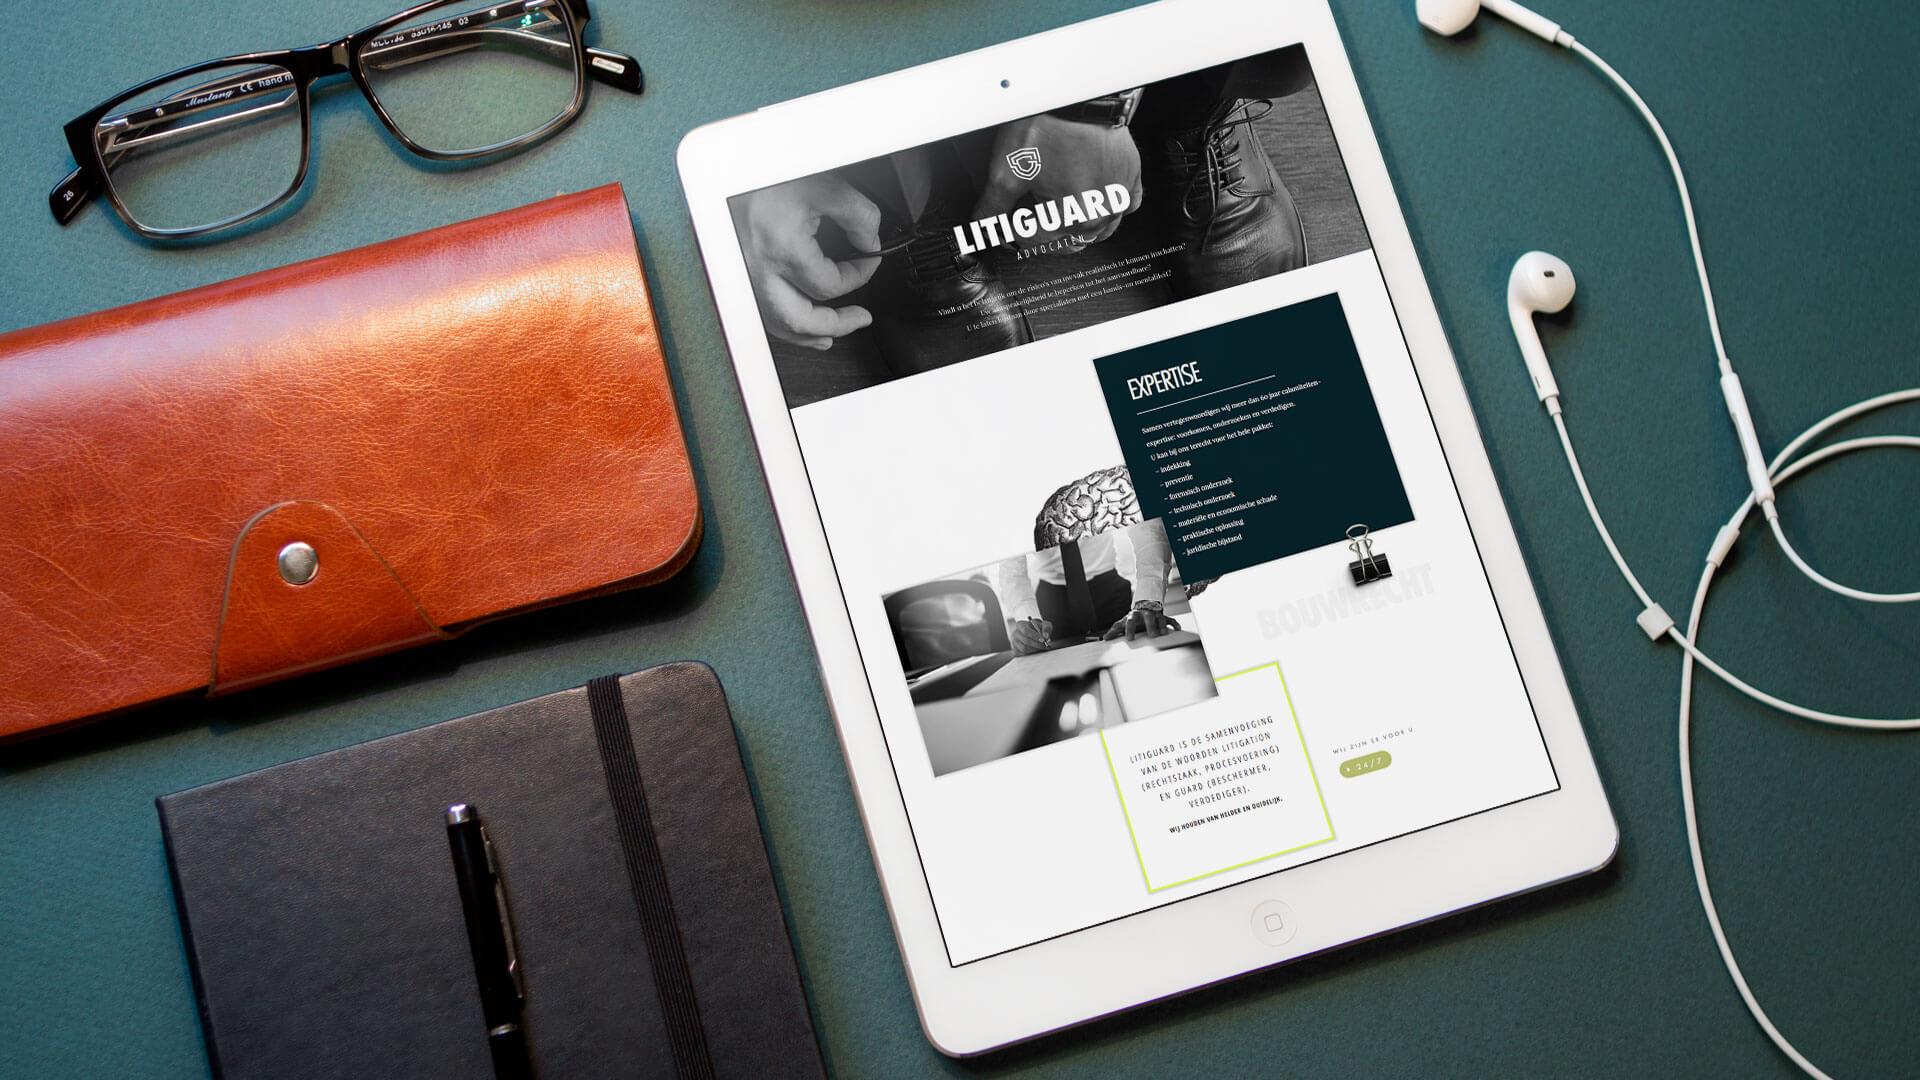 FATMAMA-portfolio-mockup-Litiguard